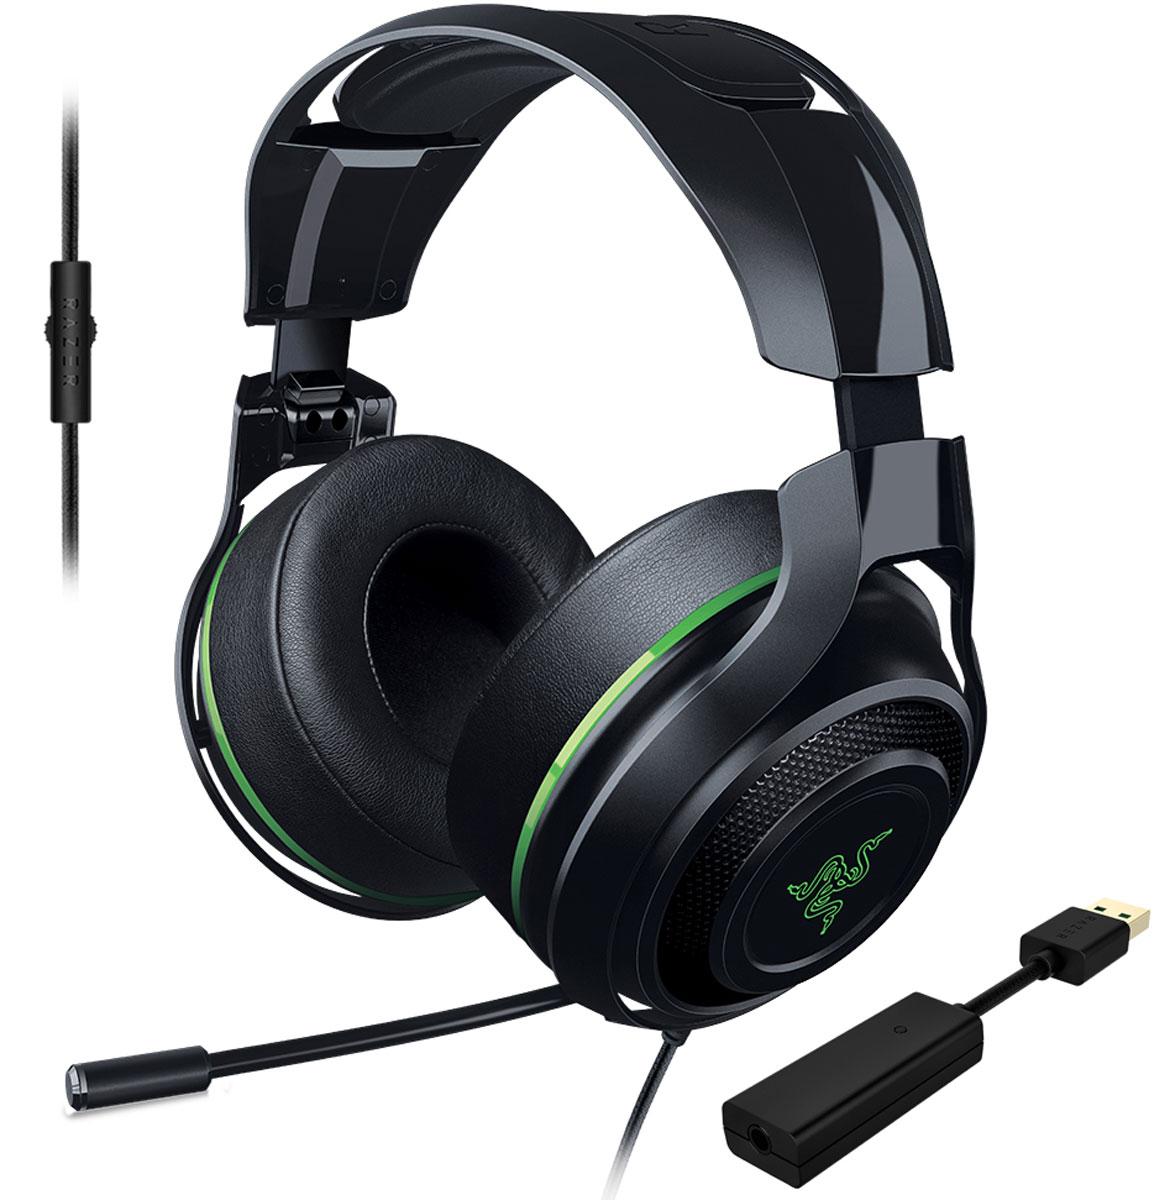 Razer ManO'War 7.1, Green игровые наушникиRZ04-01920300-R3M1Выйти на новый уровень звучания вам позволит игровая гарнитура Razer ManOWar 7.1. Благодаря современной системе виртуального объемного звука формата 7.1 и мягким, большим амбушюрам с хорошей шумоизоляцией вы словно оказываетесь в самом центре событий. Увеличенные динамики превосходного качества обеспечивают бесспорную реалистичность звукового окружения, а выдвижной микрофон позволяет с комфортом руководить победным наступлением. Заручитесь преимуществом абсолютного погружения в игру, которое дает вам Razer ManOWar 7.1, и наслаждайтесь торжеством победы в каждой битве. Гарнитура Razer ManOWar 7.1 оснащена запатентованной системой формирования виртуального объемного звука в формате 7.1. Система с самого начала разрабатывалась, чтобы дать возможность с головой уйти в игру. Специальный USB-адаптер обрабатывает аудио с минимальной задержкой и модулирует источник звука, формируя впечатляющее, реалистичное звуковое окружение. Гарнитура...